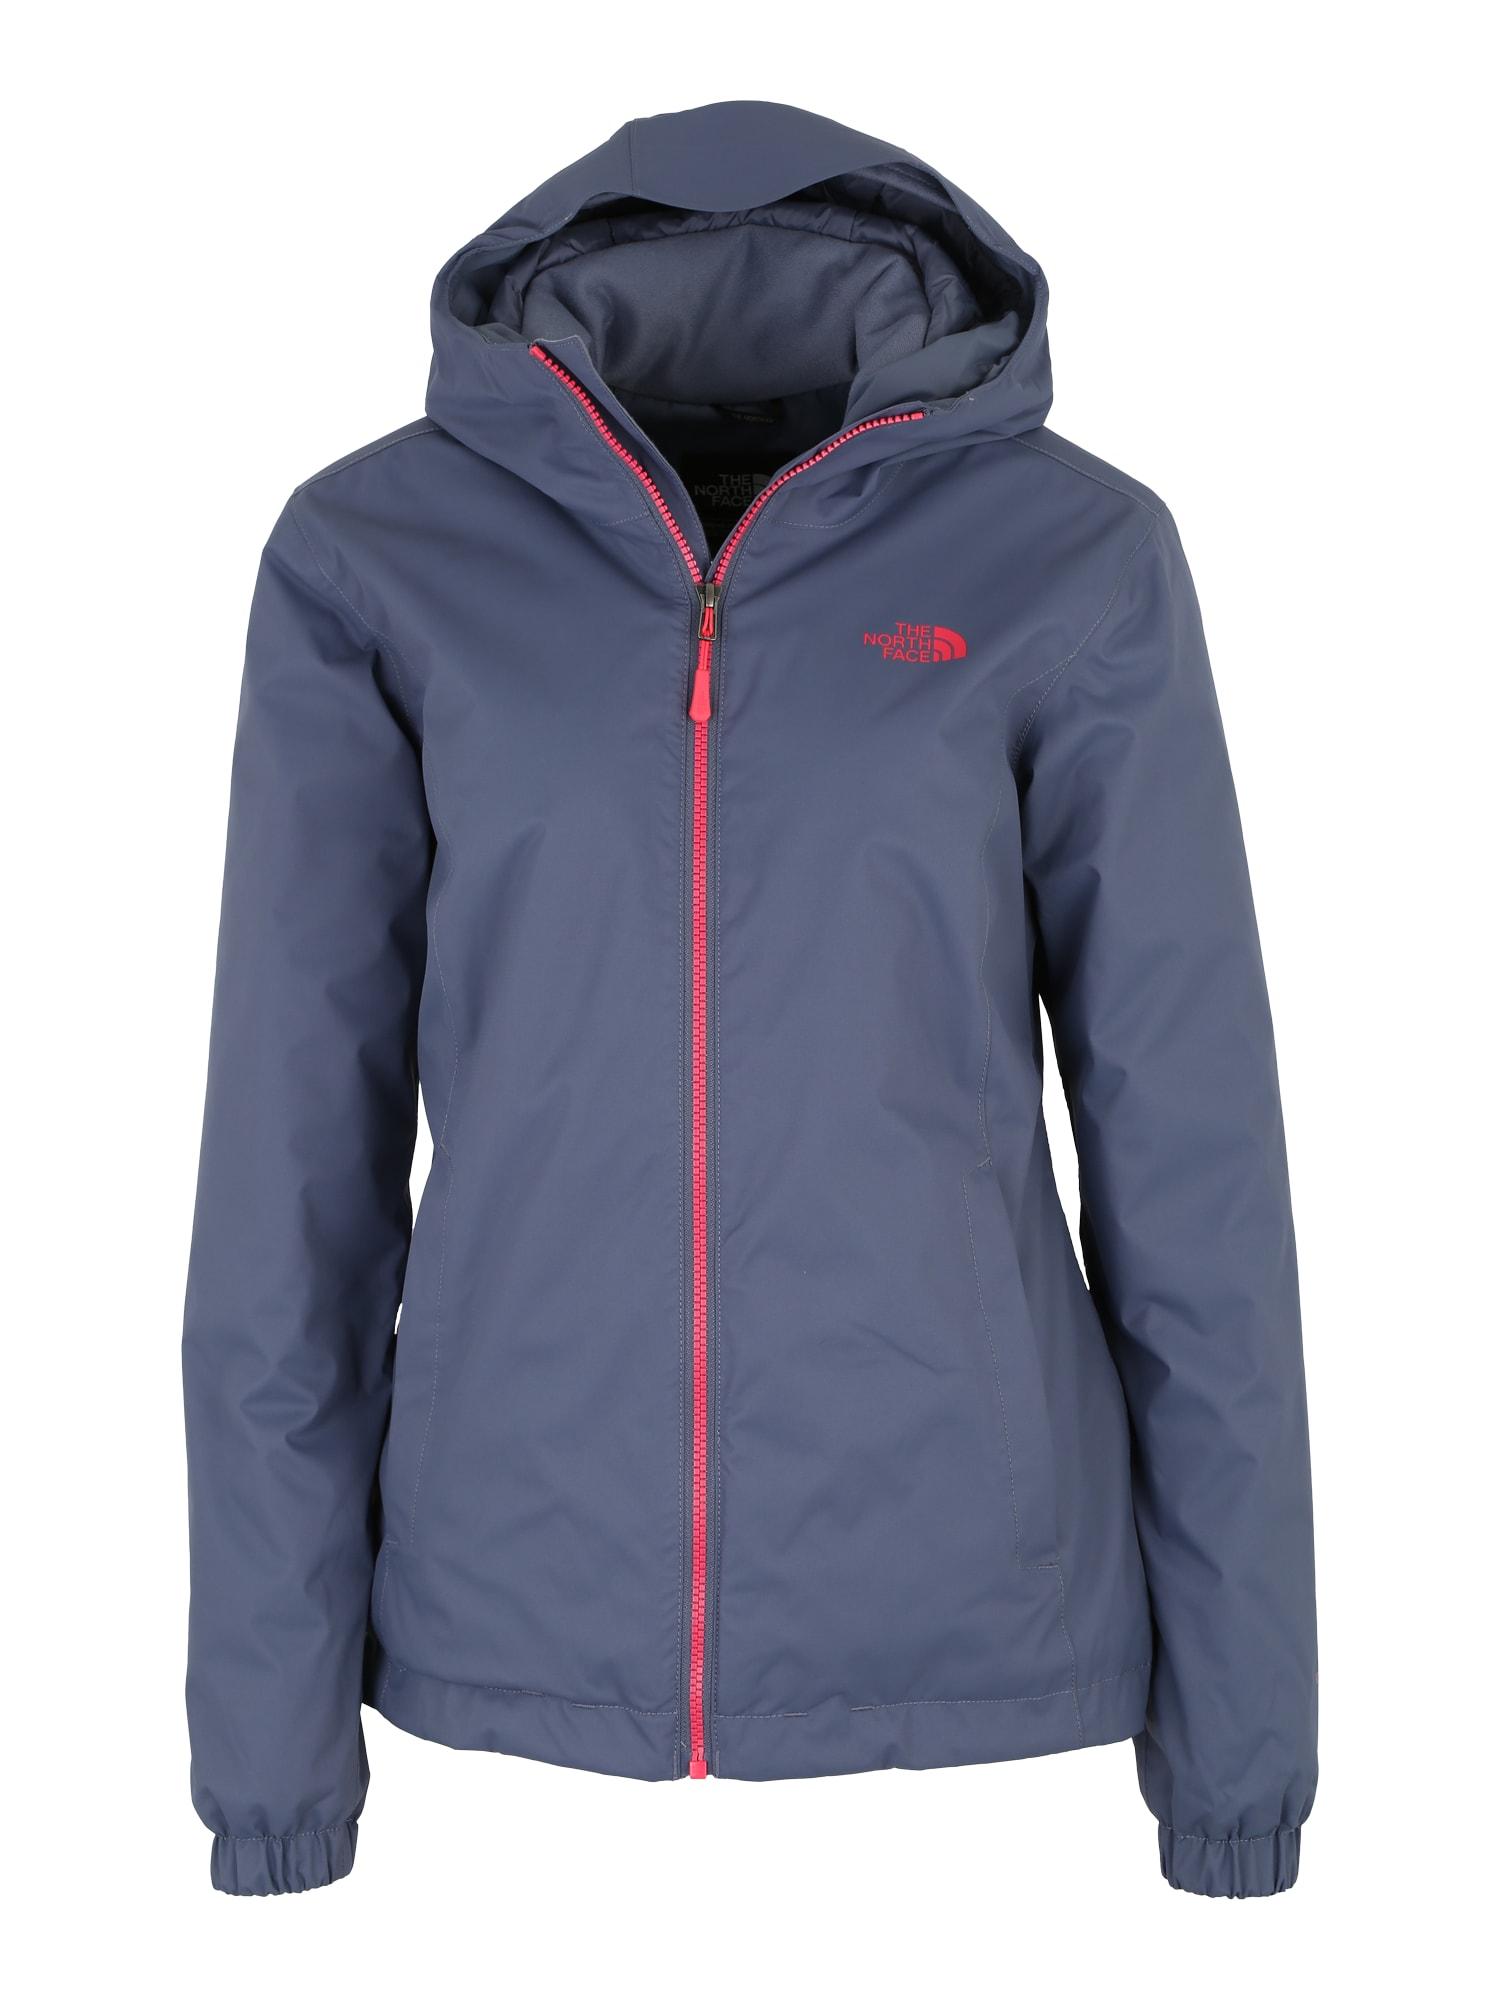 Outdoorová bunda Quest modrá oranžově červená THE NORTH FACE